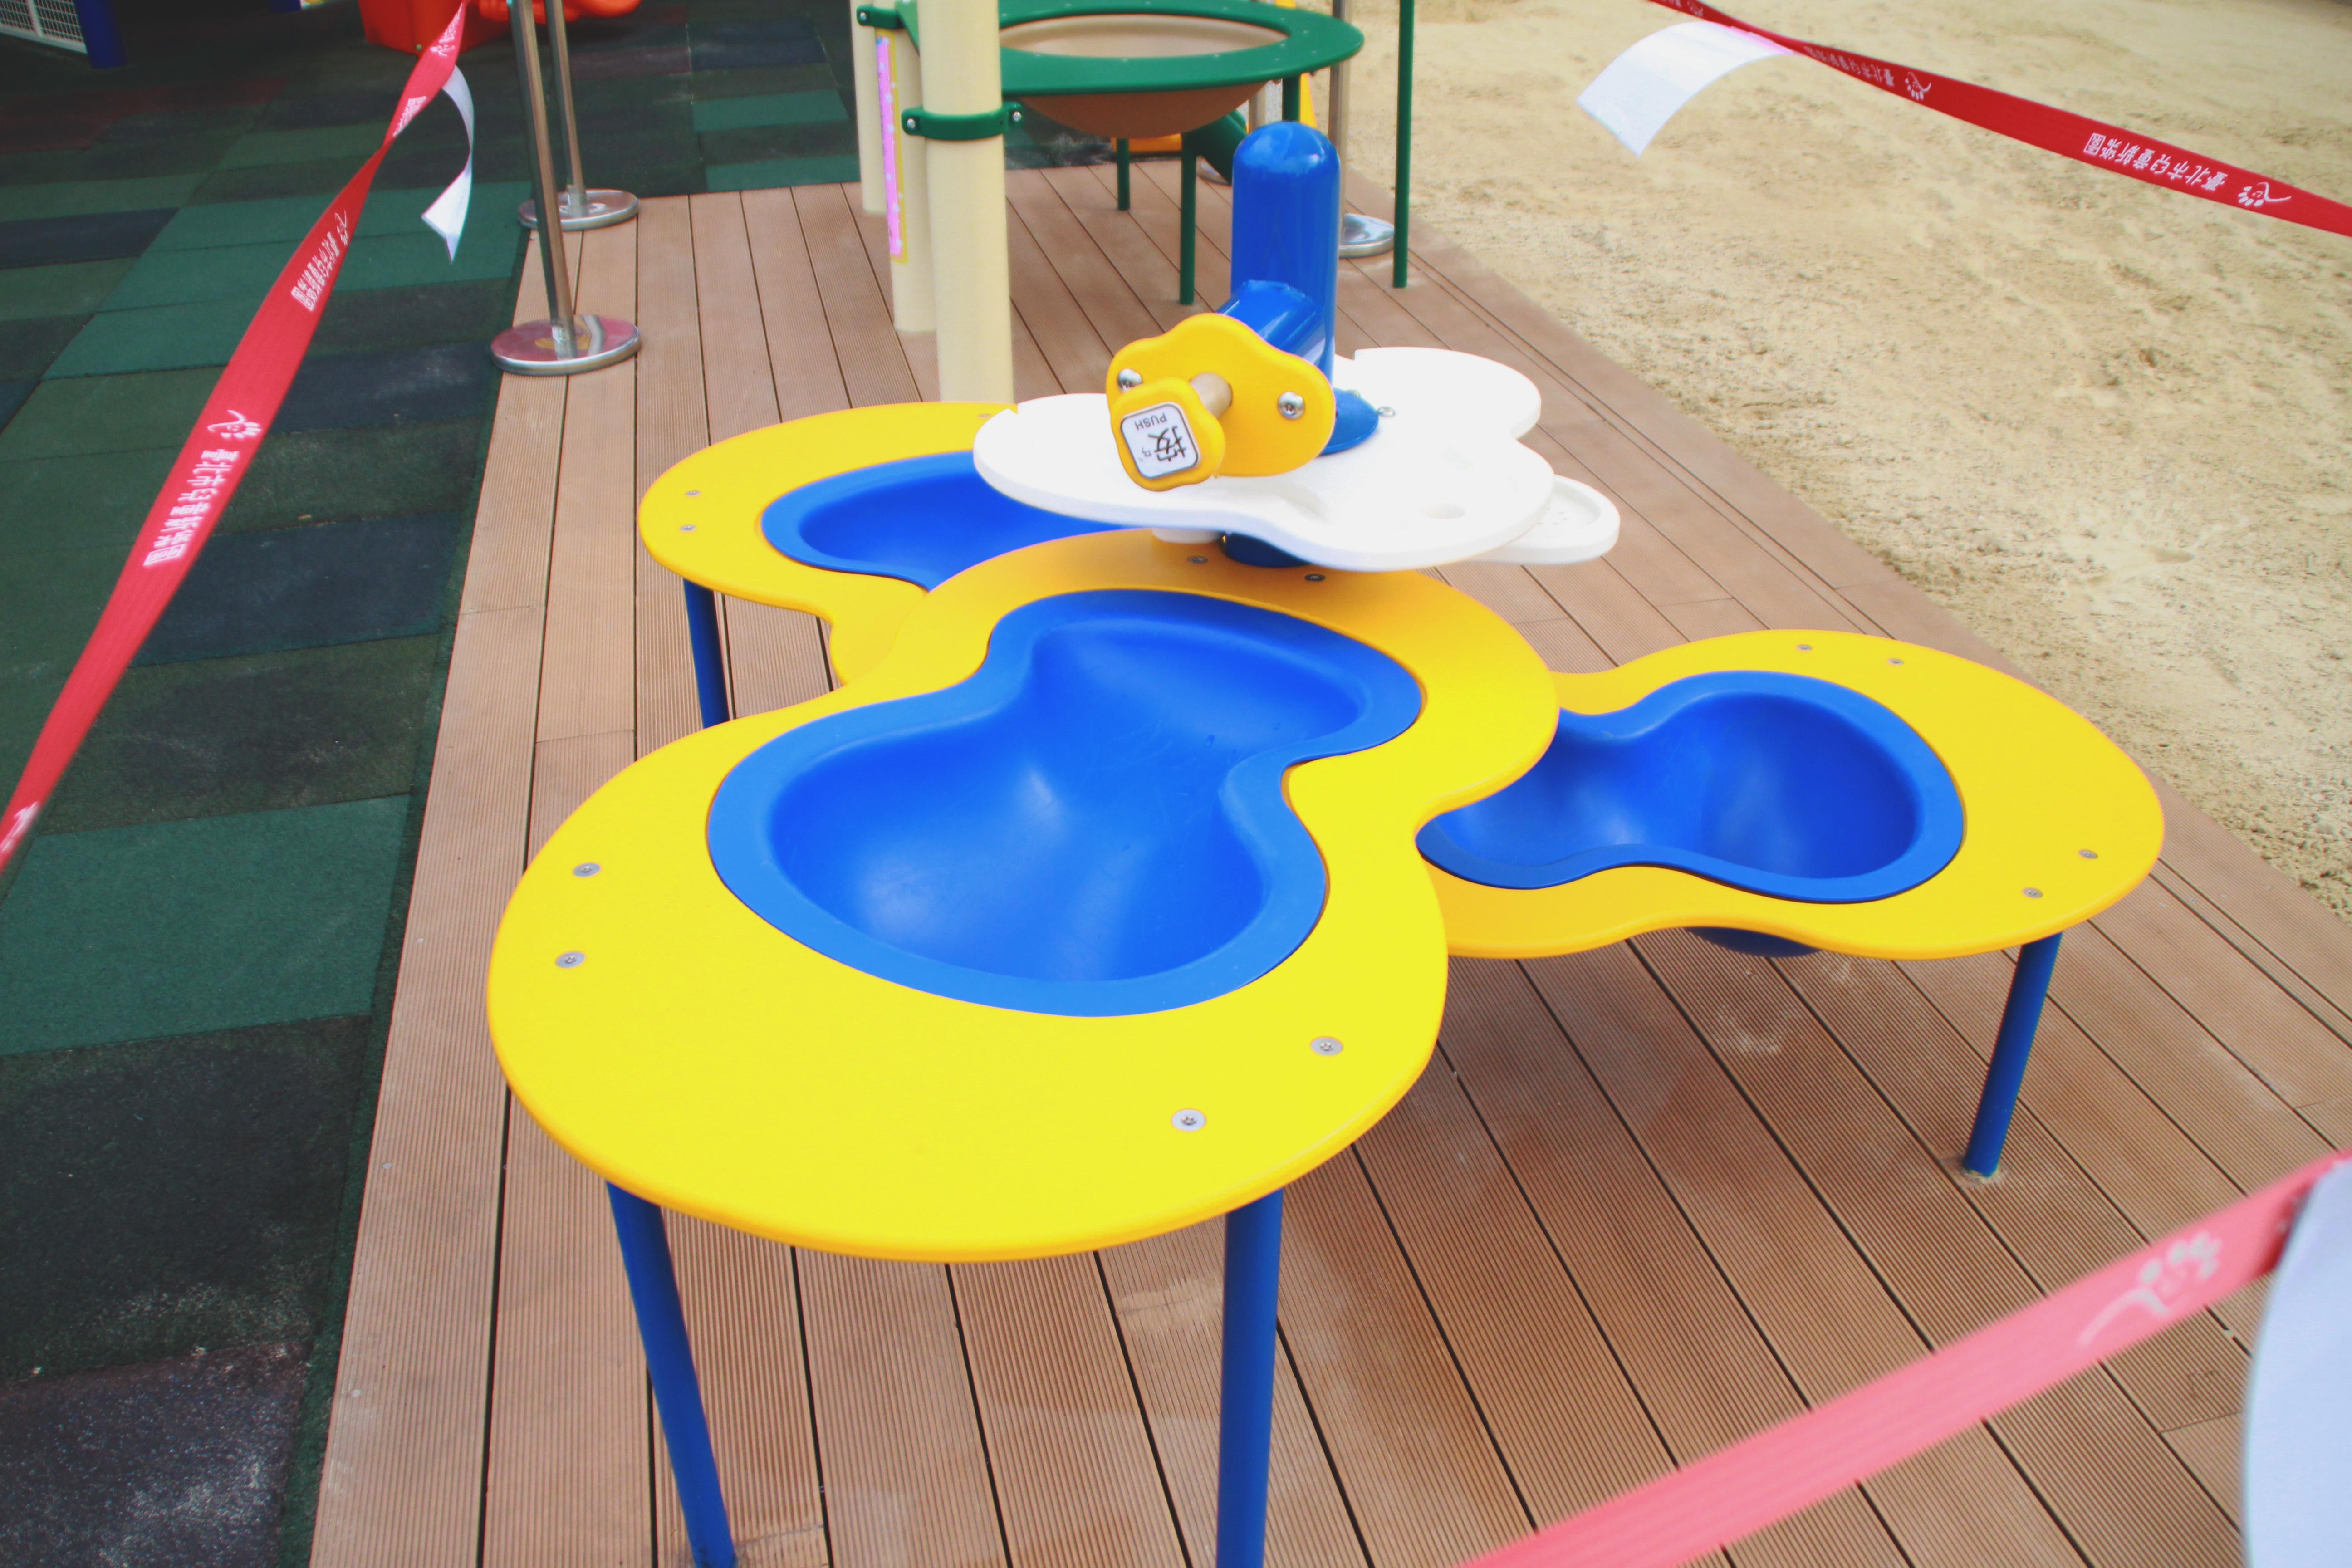 共融性玩水台,讓輪椅族群及各身高孩童都能使用遊具。攝影/林欣頻